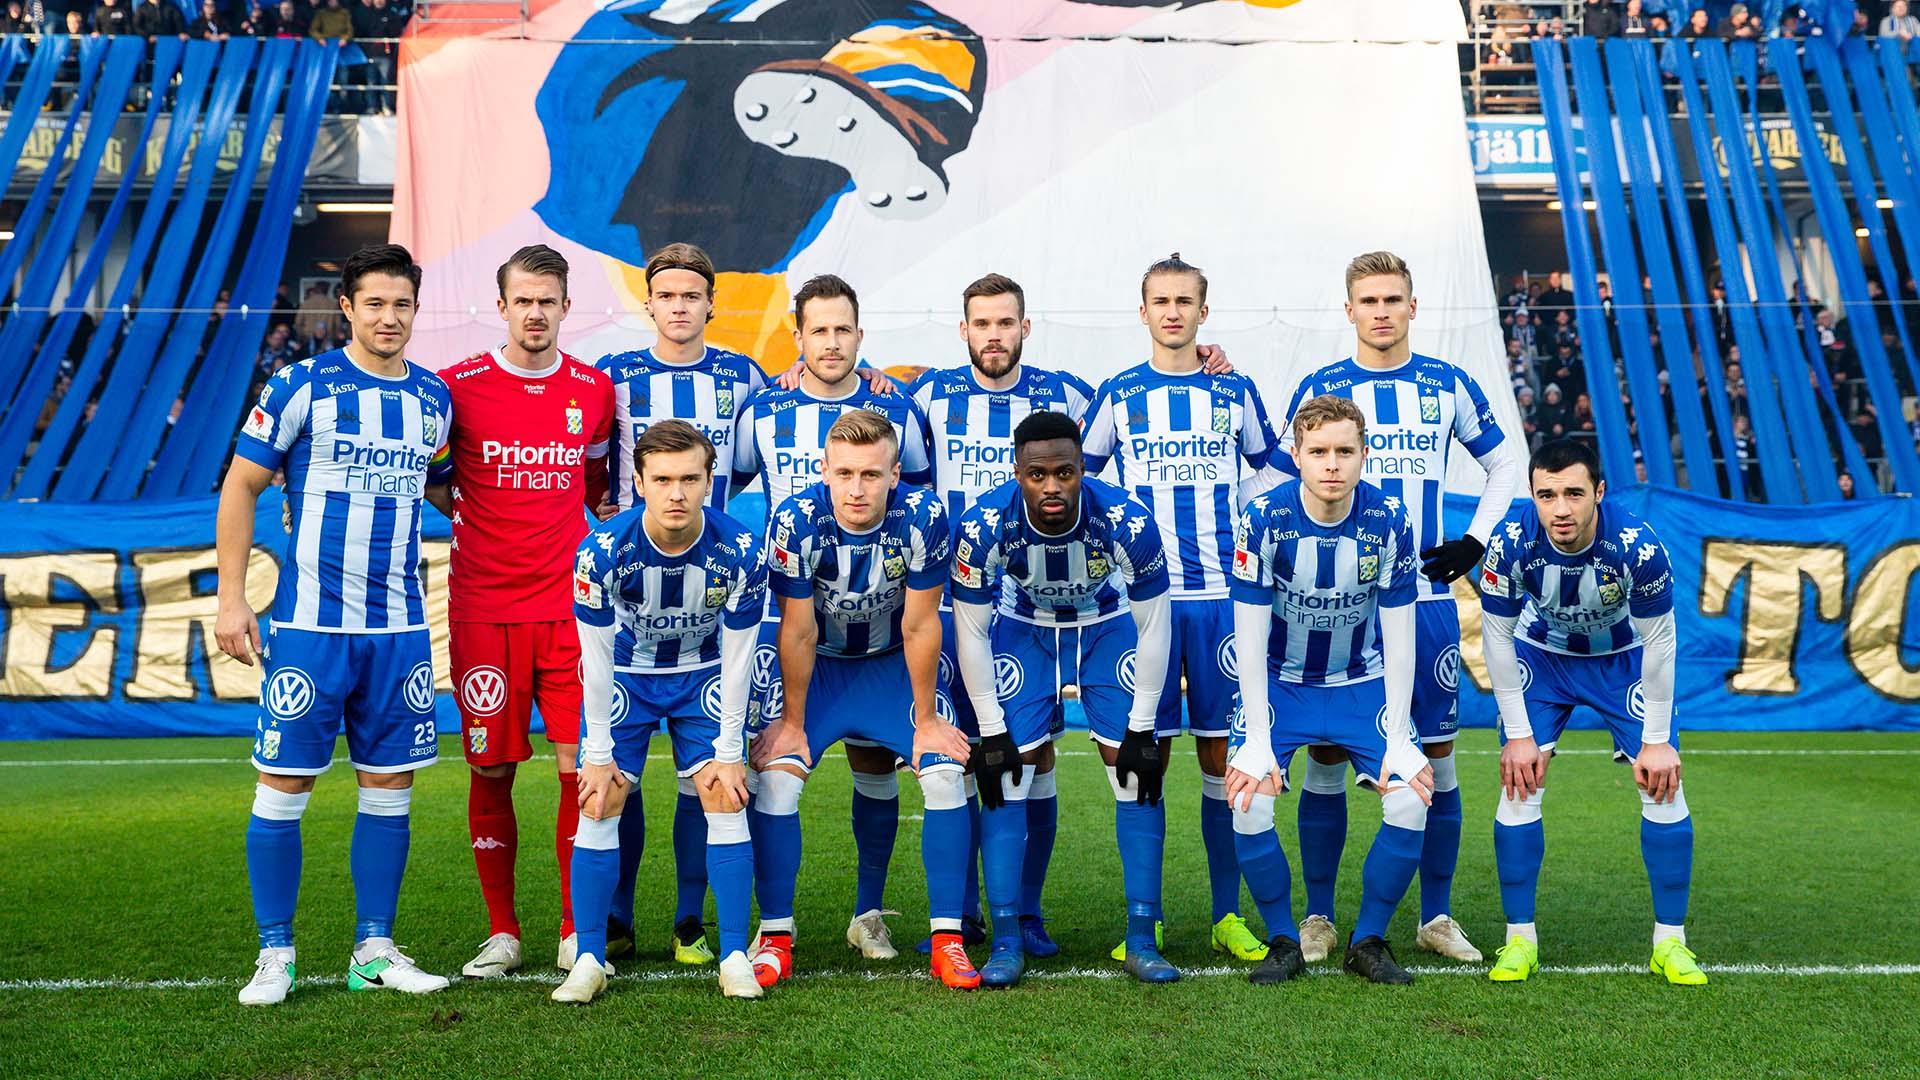 181104 IFK Göteborgs spelare poserar för ett lagfoto inför fotbollsmatchen i Allsvenskan mellan IFK Göteborg och Malmö FF den 4 november 2018 i Göteborg. Foto: Michael Erichsen / BILDBYRÅN / Cop 89 / 57999_407